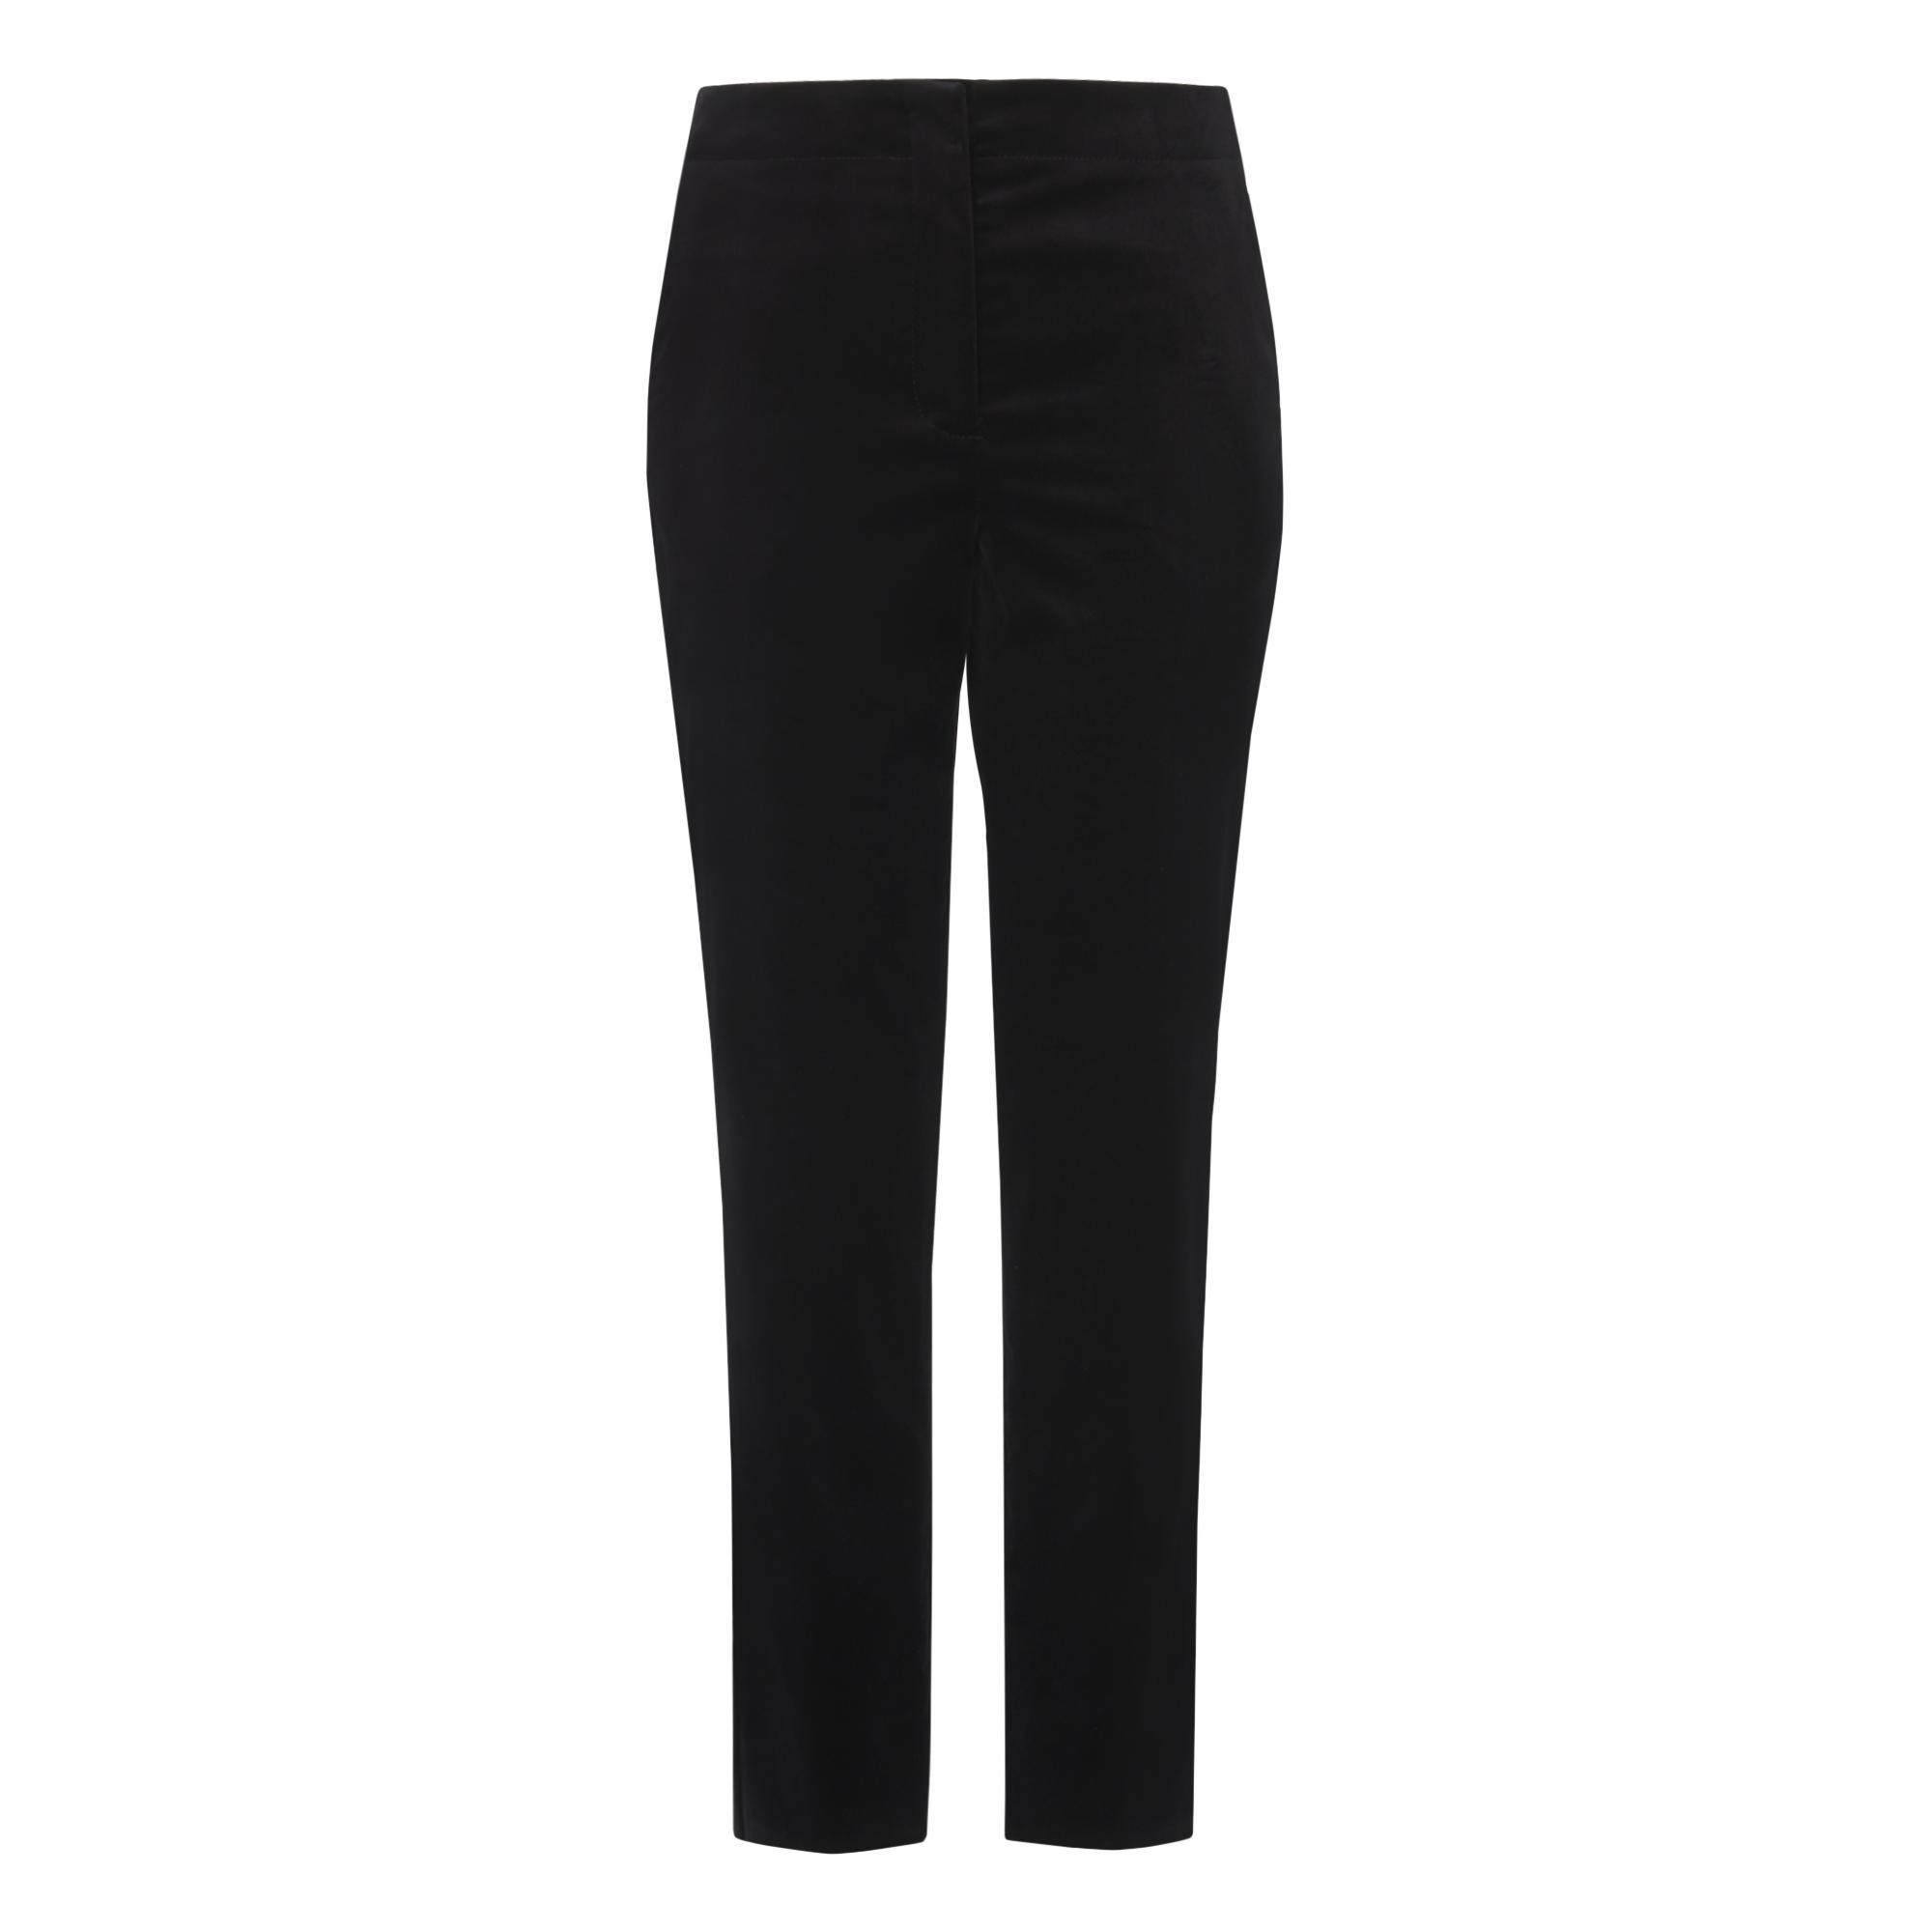 Lilly Black Velvet Cropped Pants